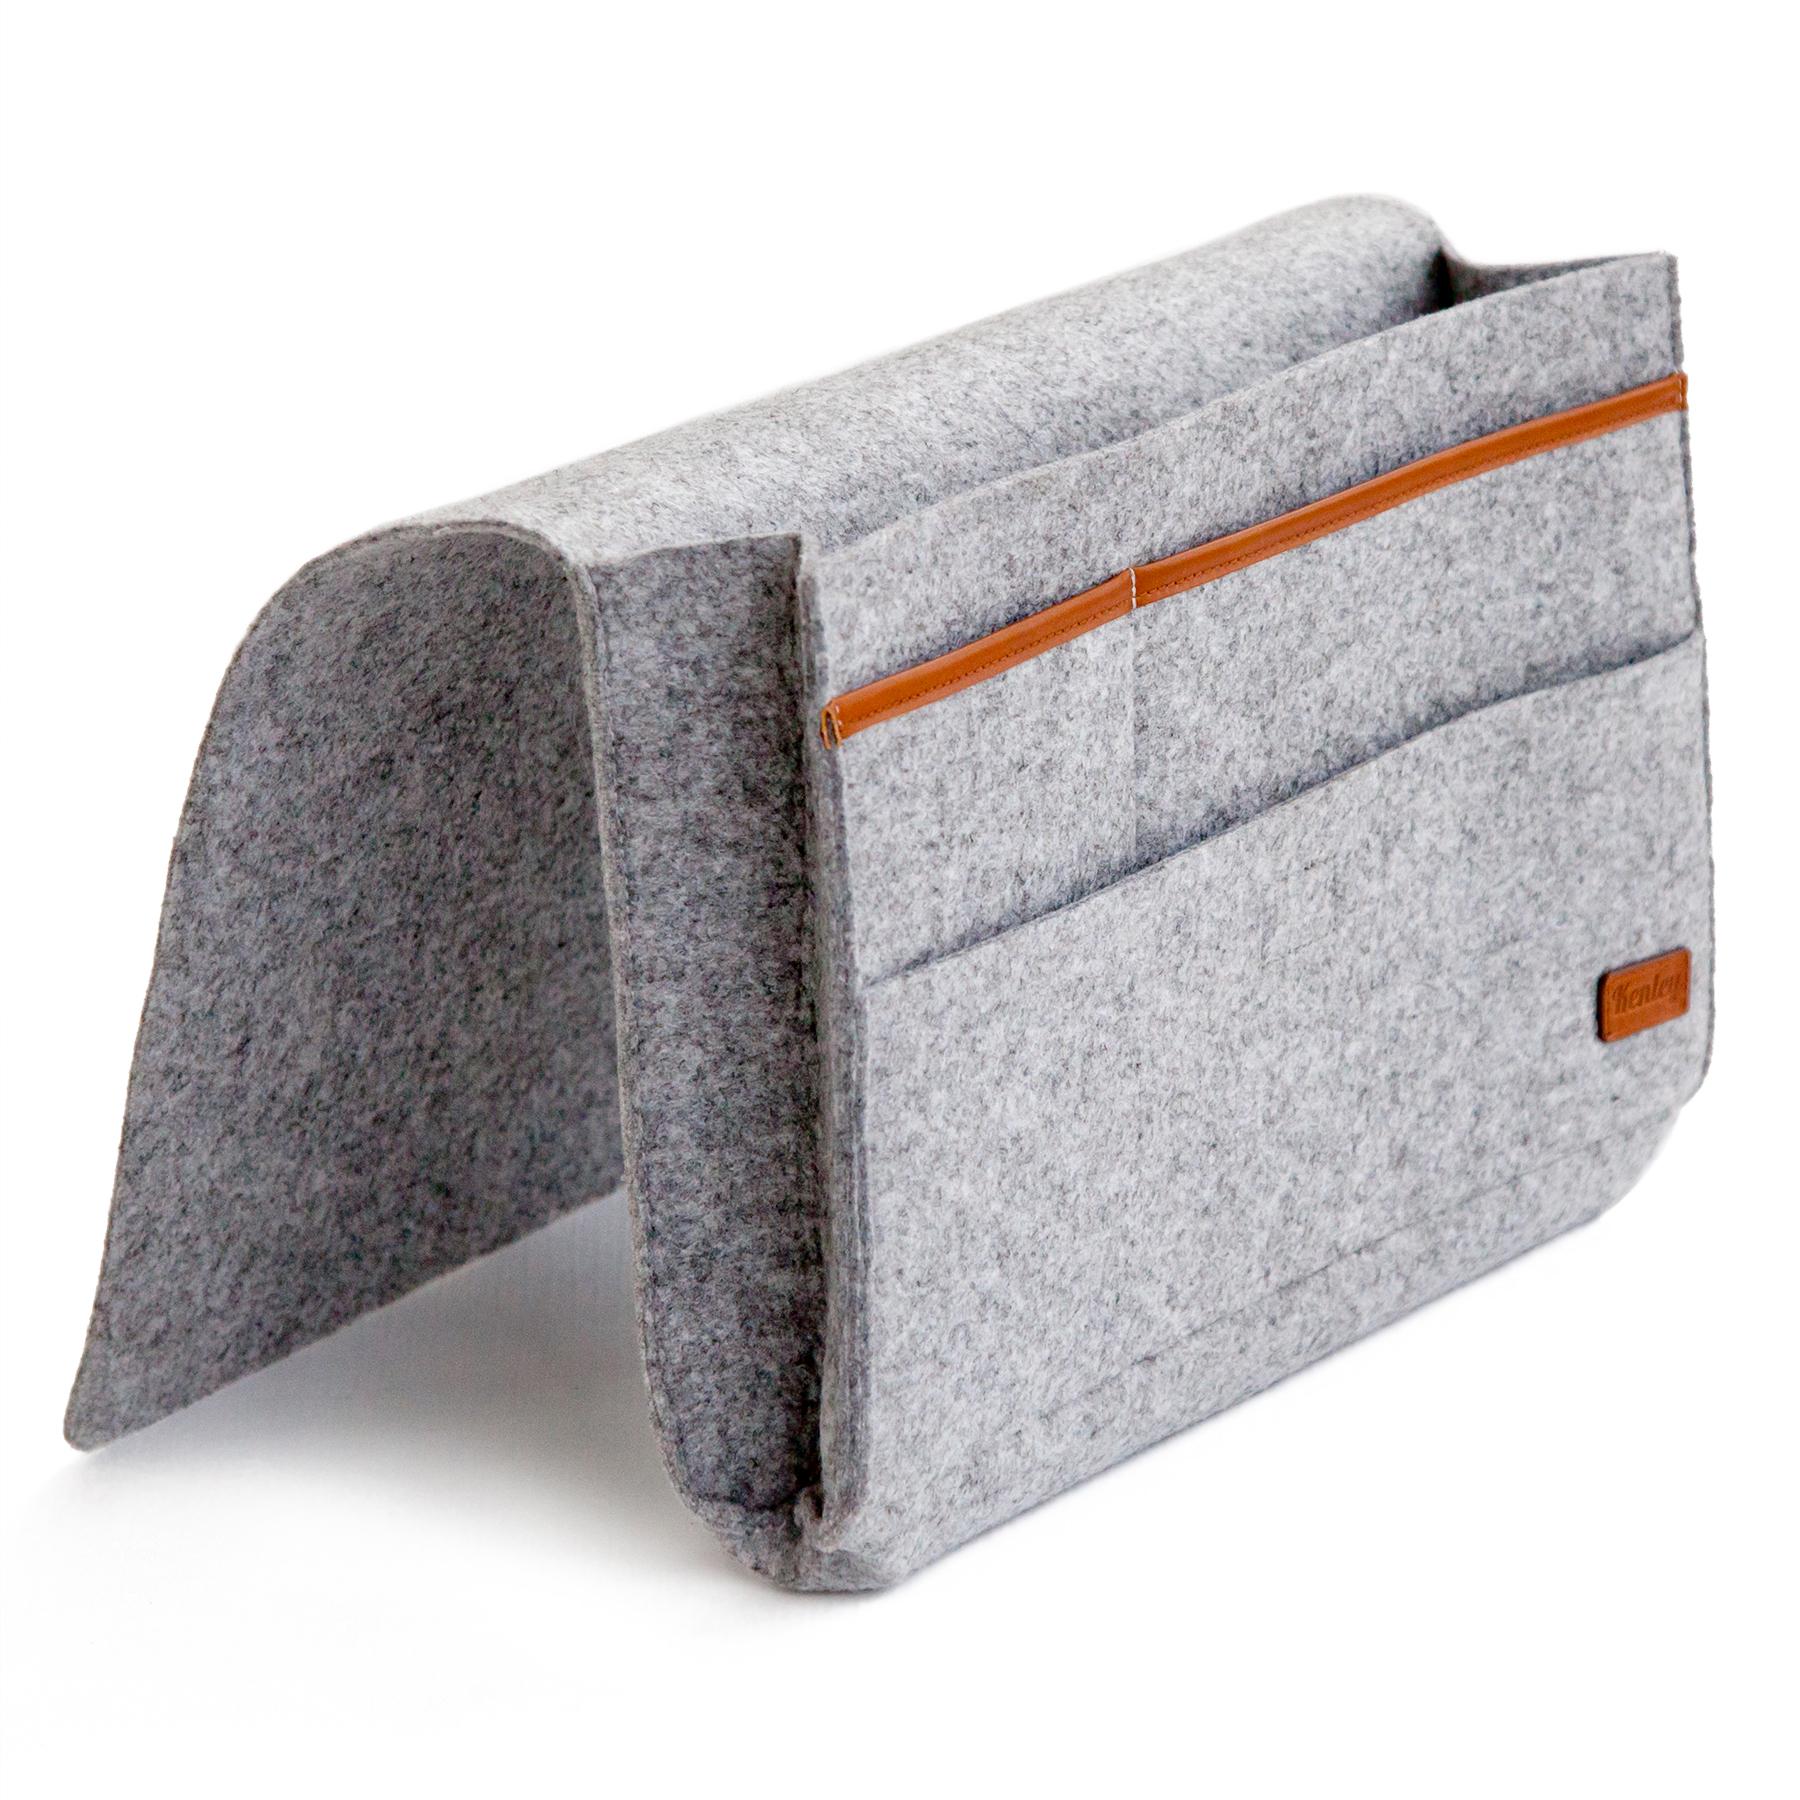 Kenley Bedside Storage Caddy Bed Tidy Pocket Organiser Bag